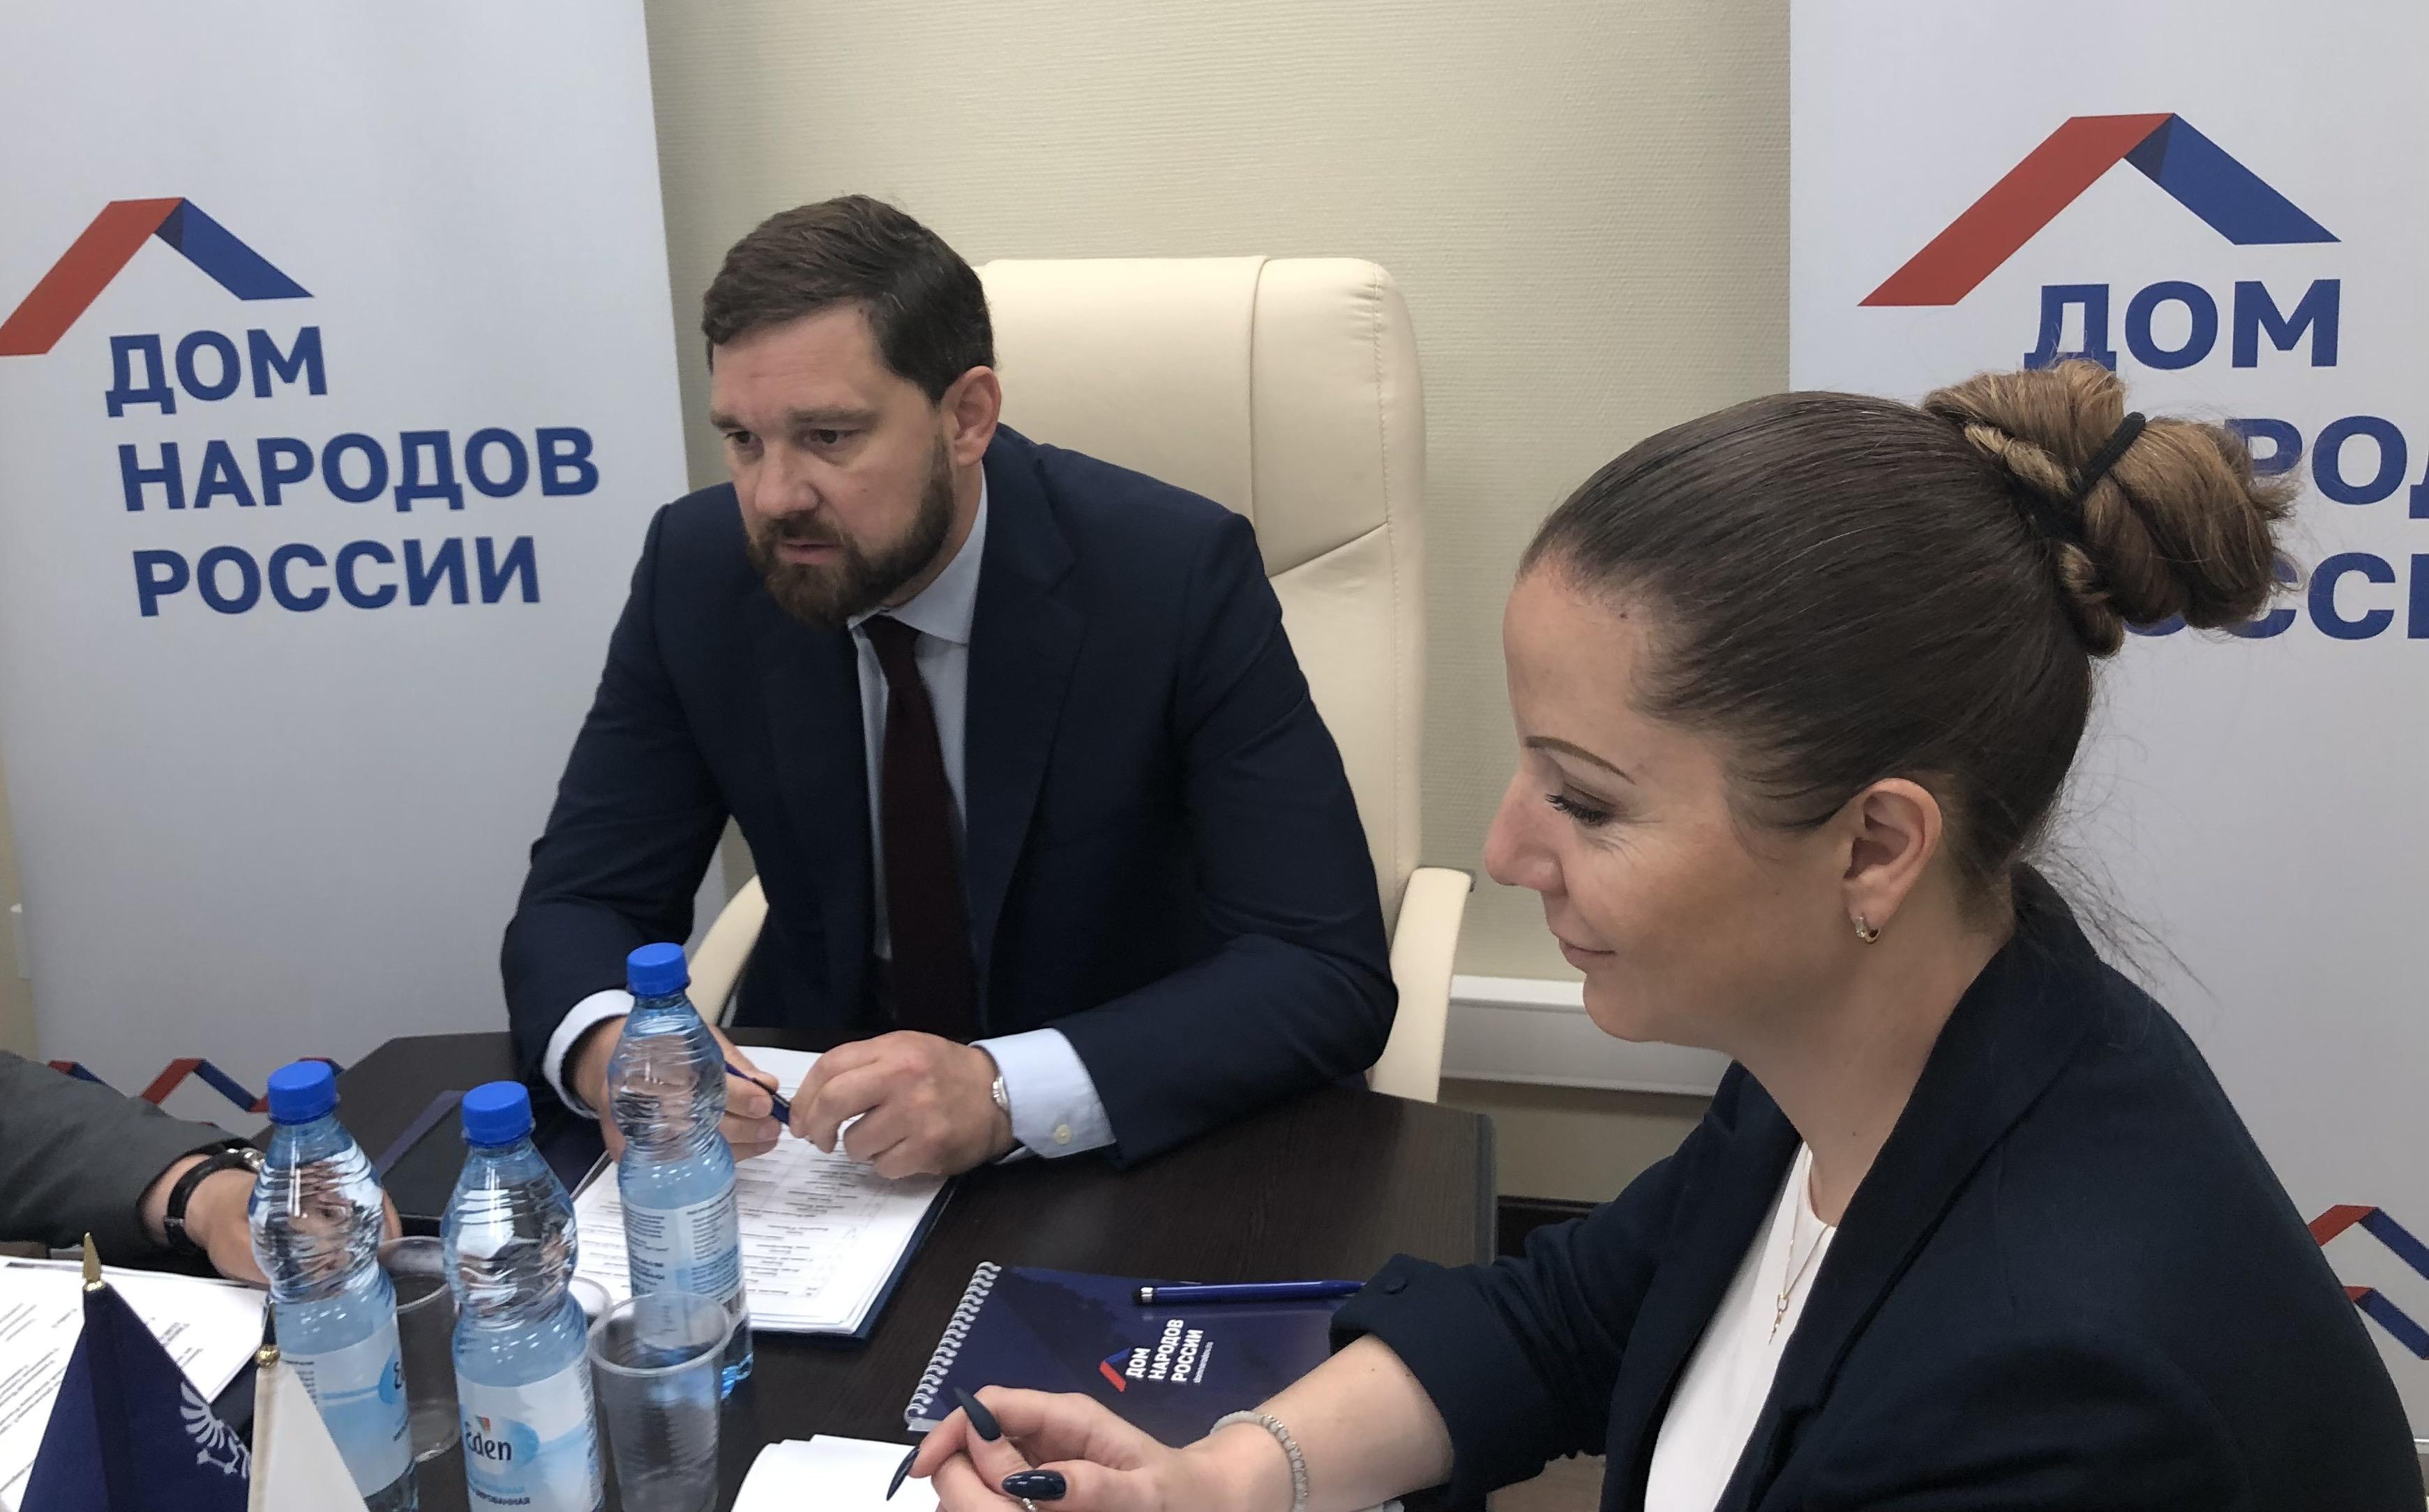 Глава ФАДН Игорь Баринов и статс-секретарь Анна Котова